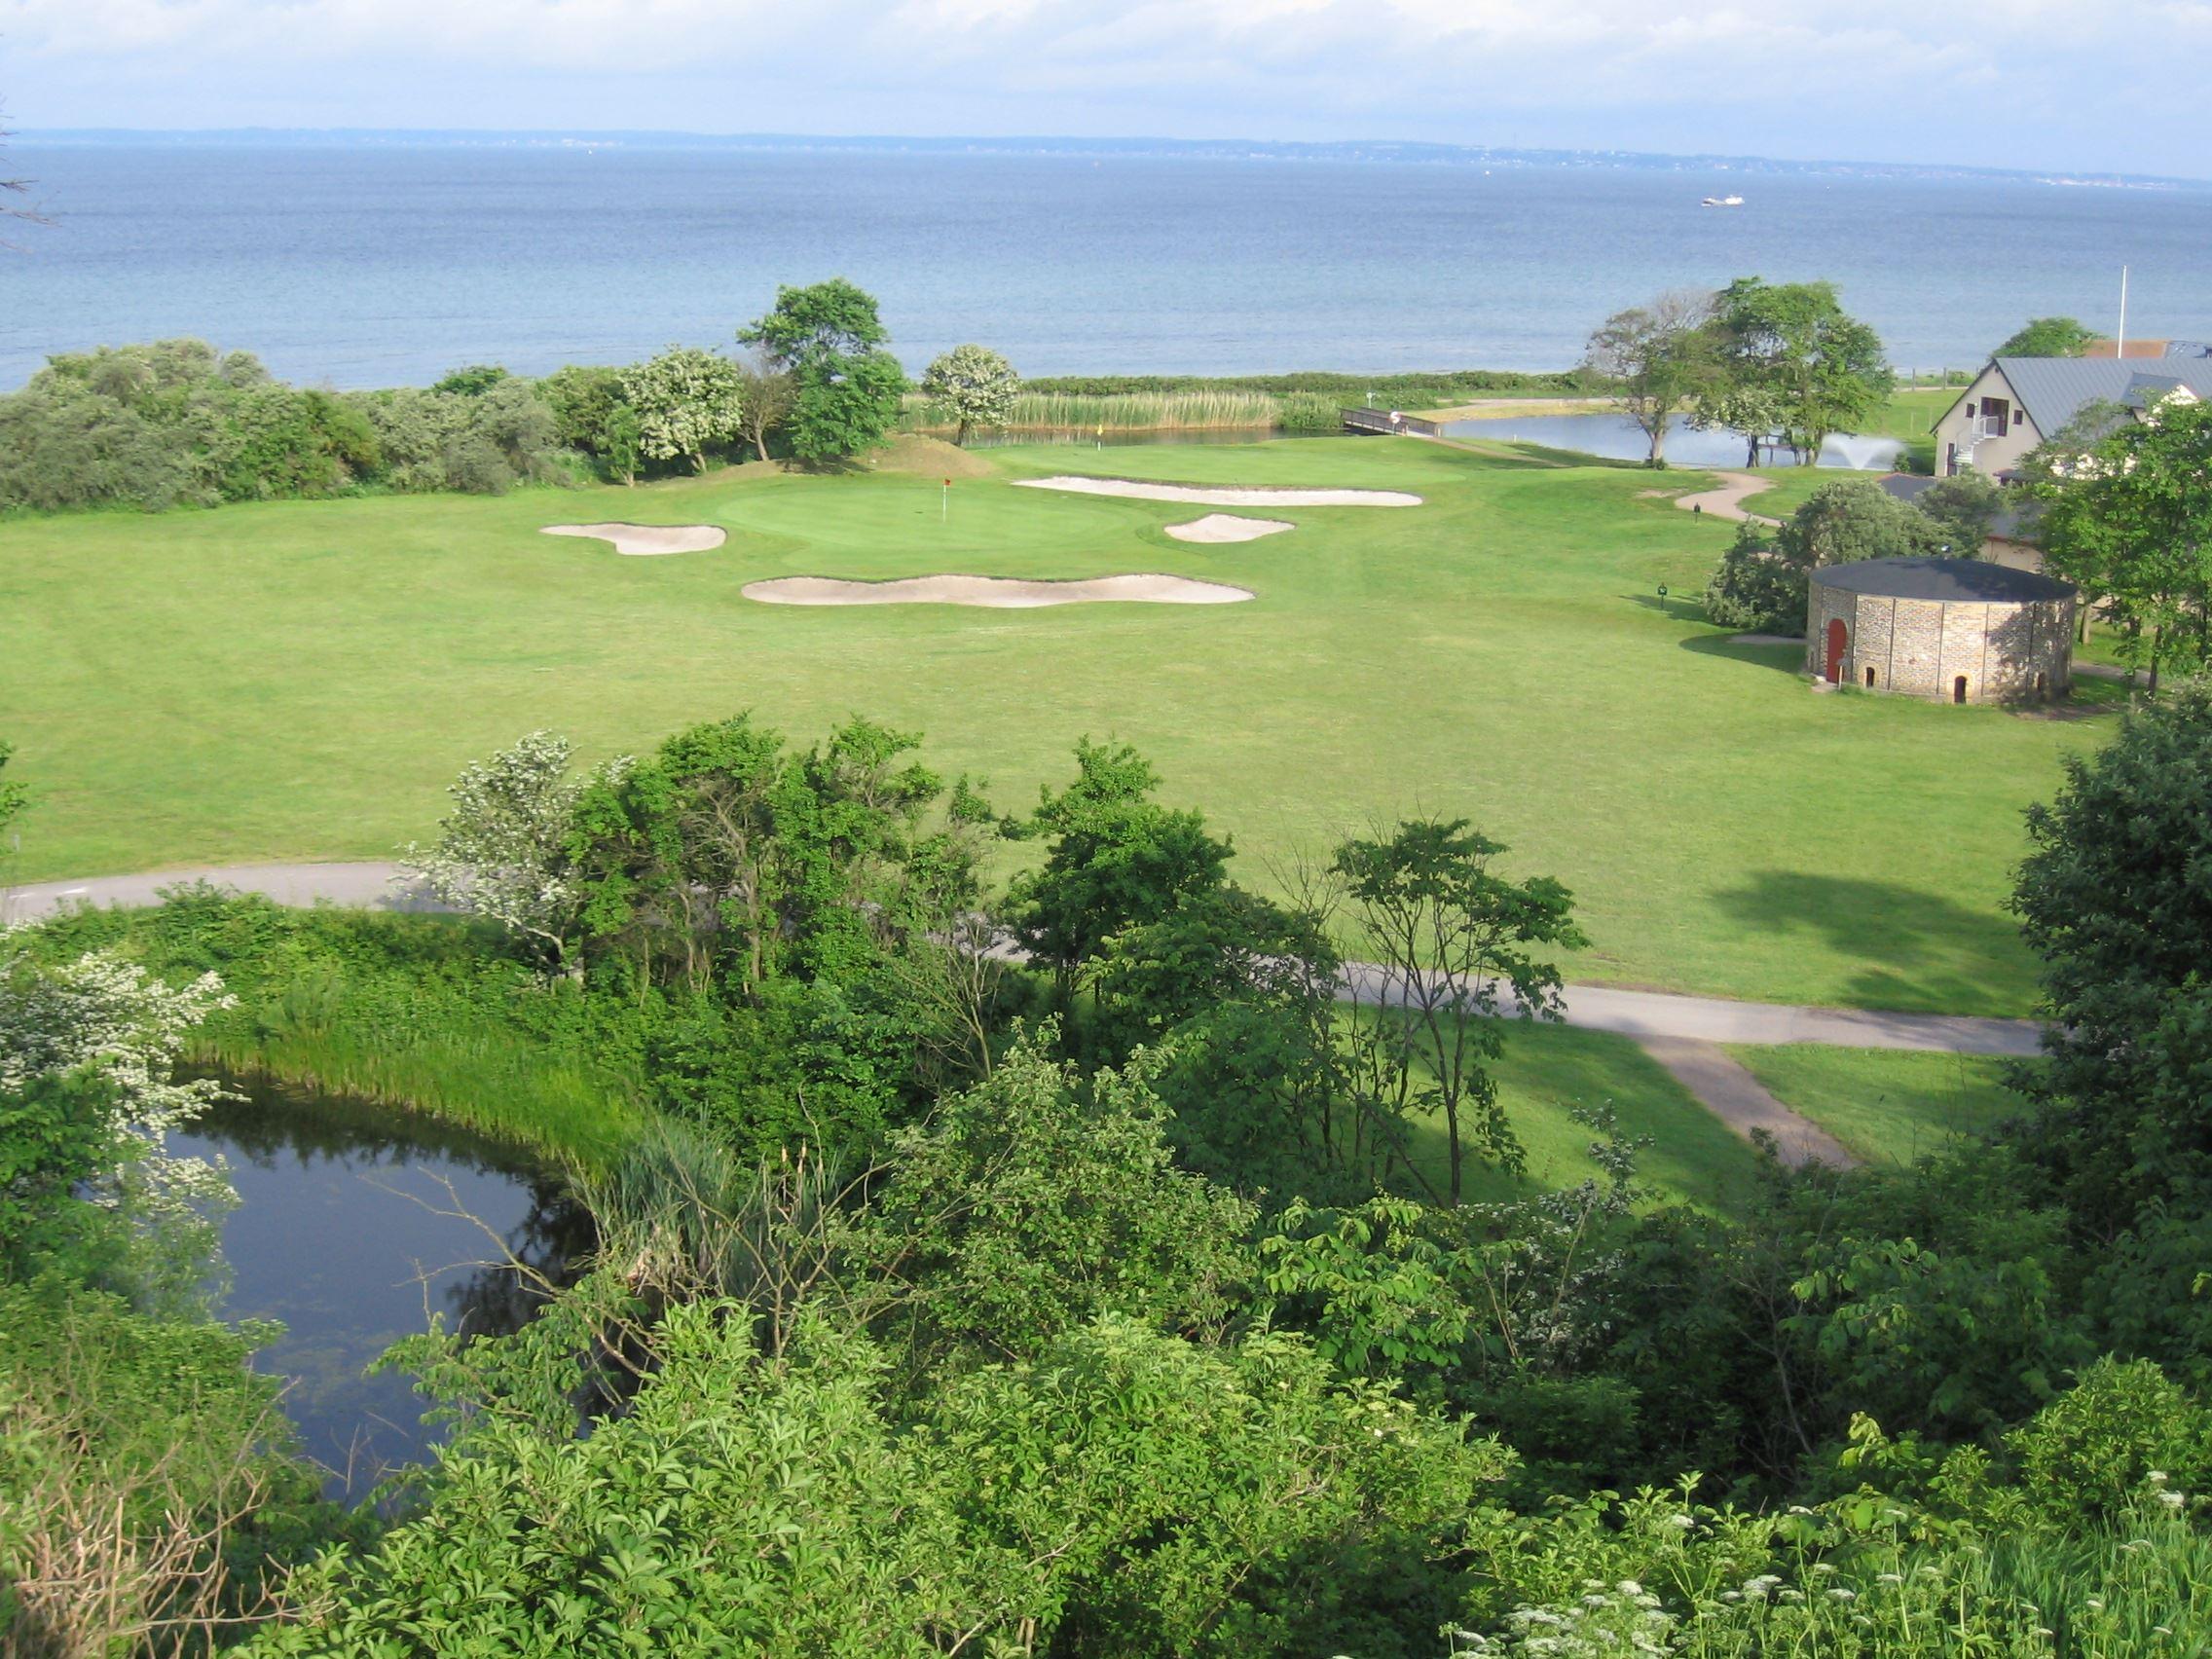 Rya Golf Club